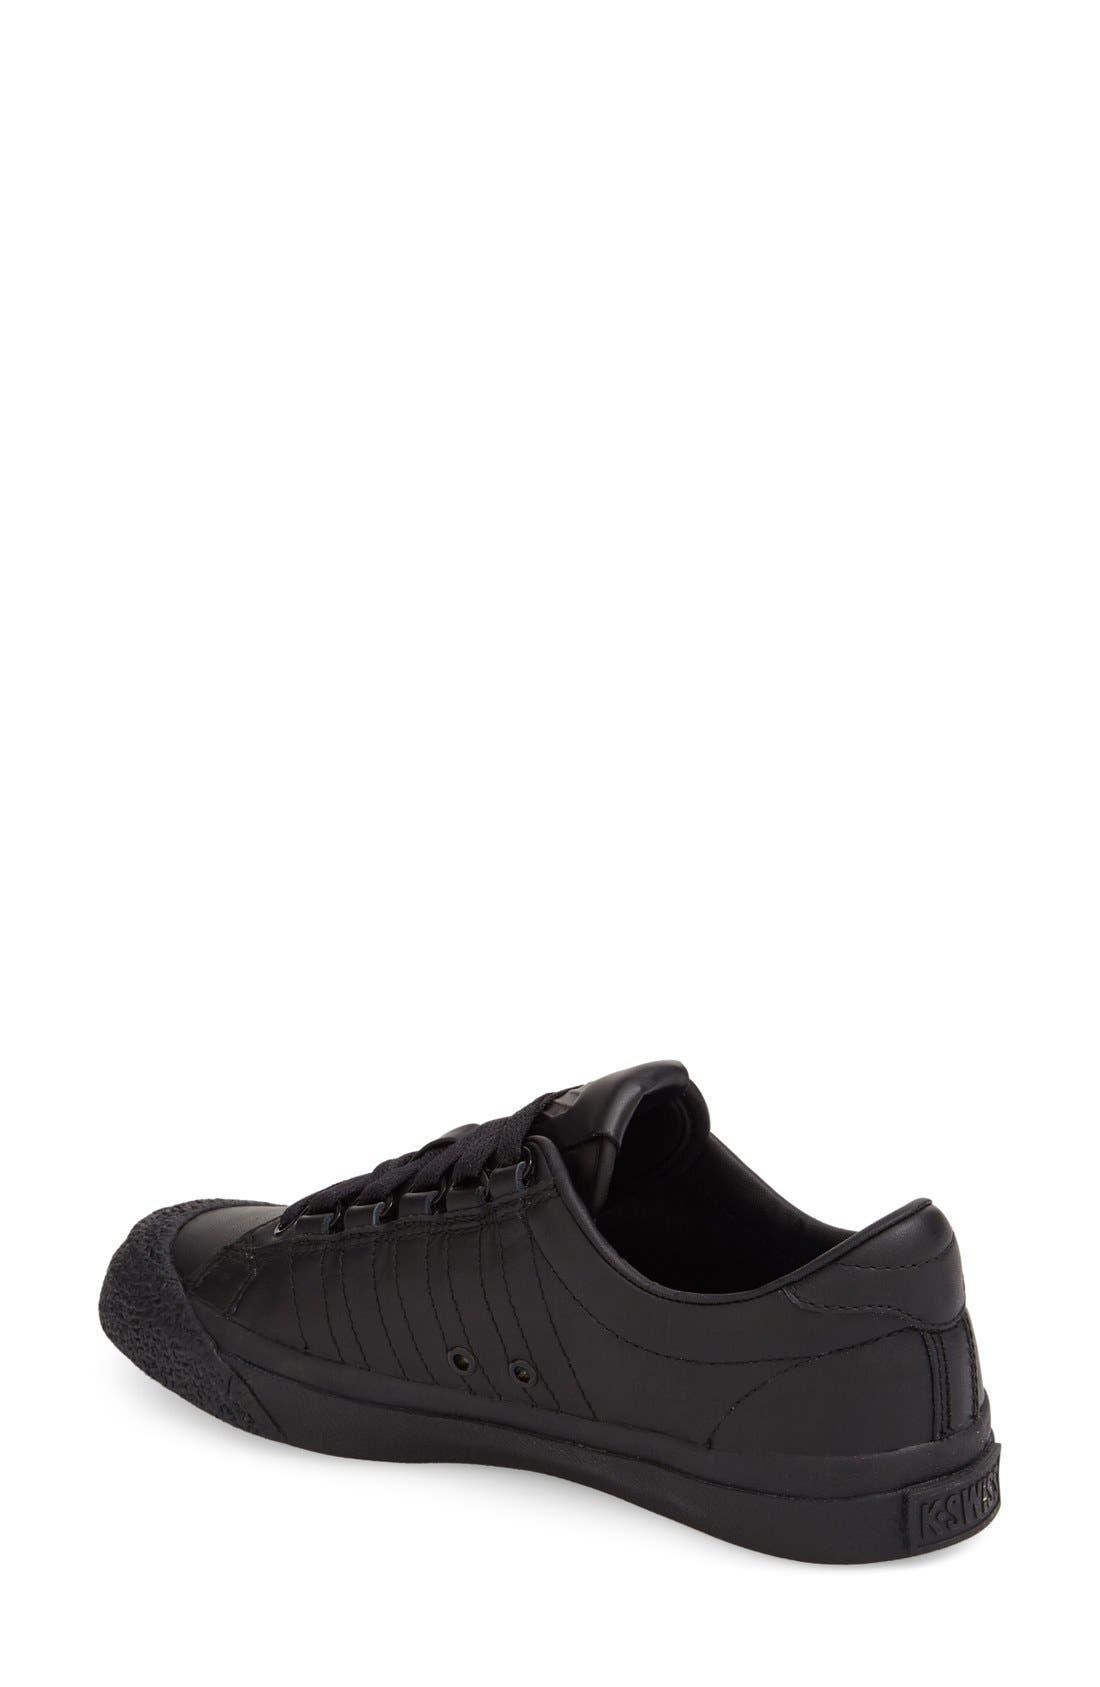 Alternate Image 2  - K-Swiss 'Irvine' Sneaker (Women)